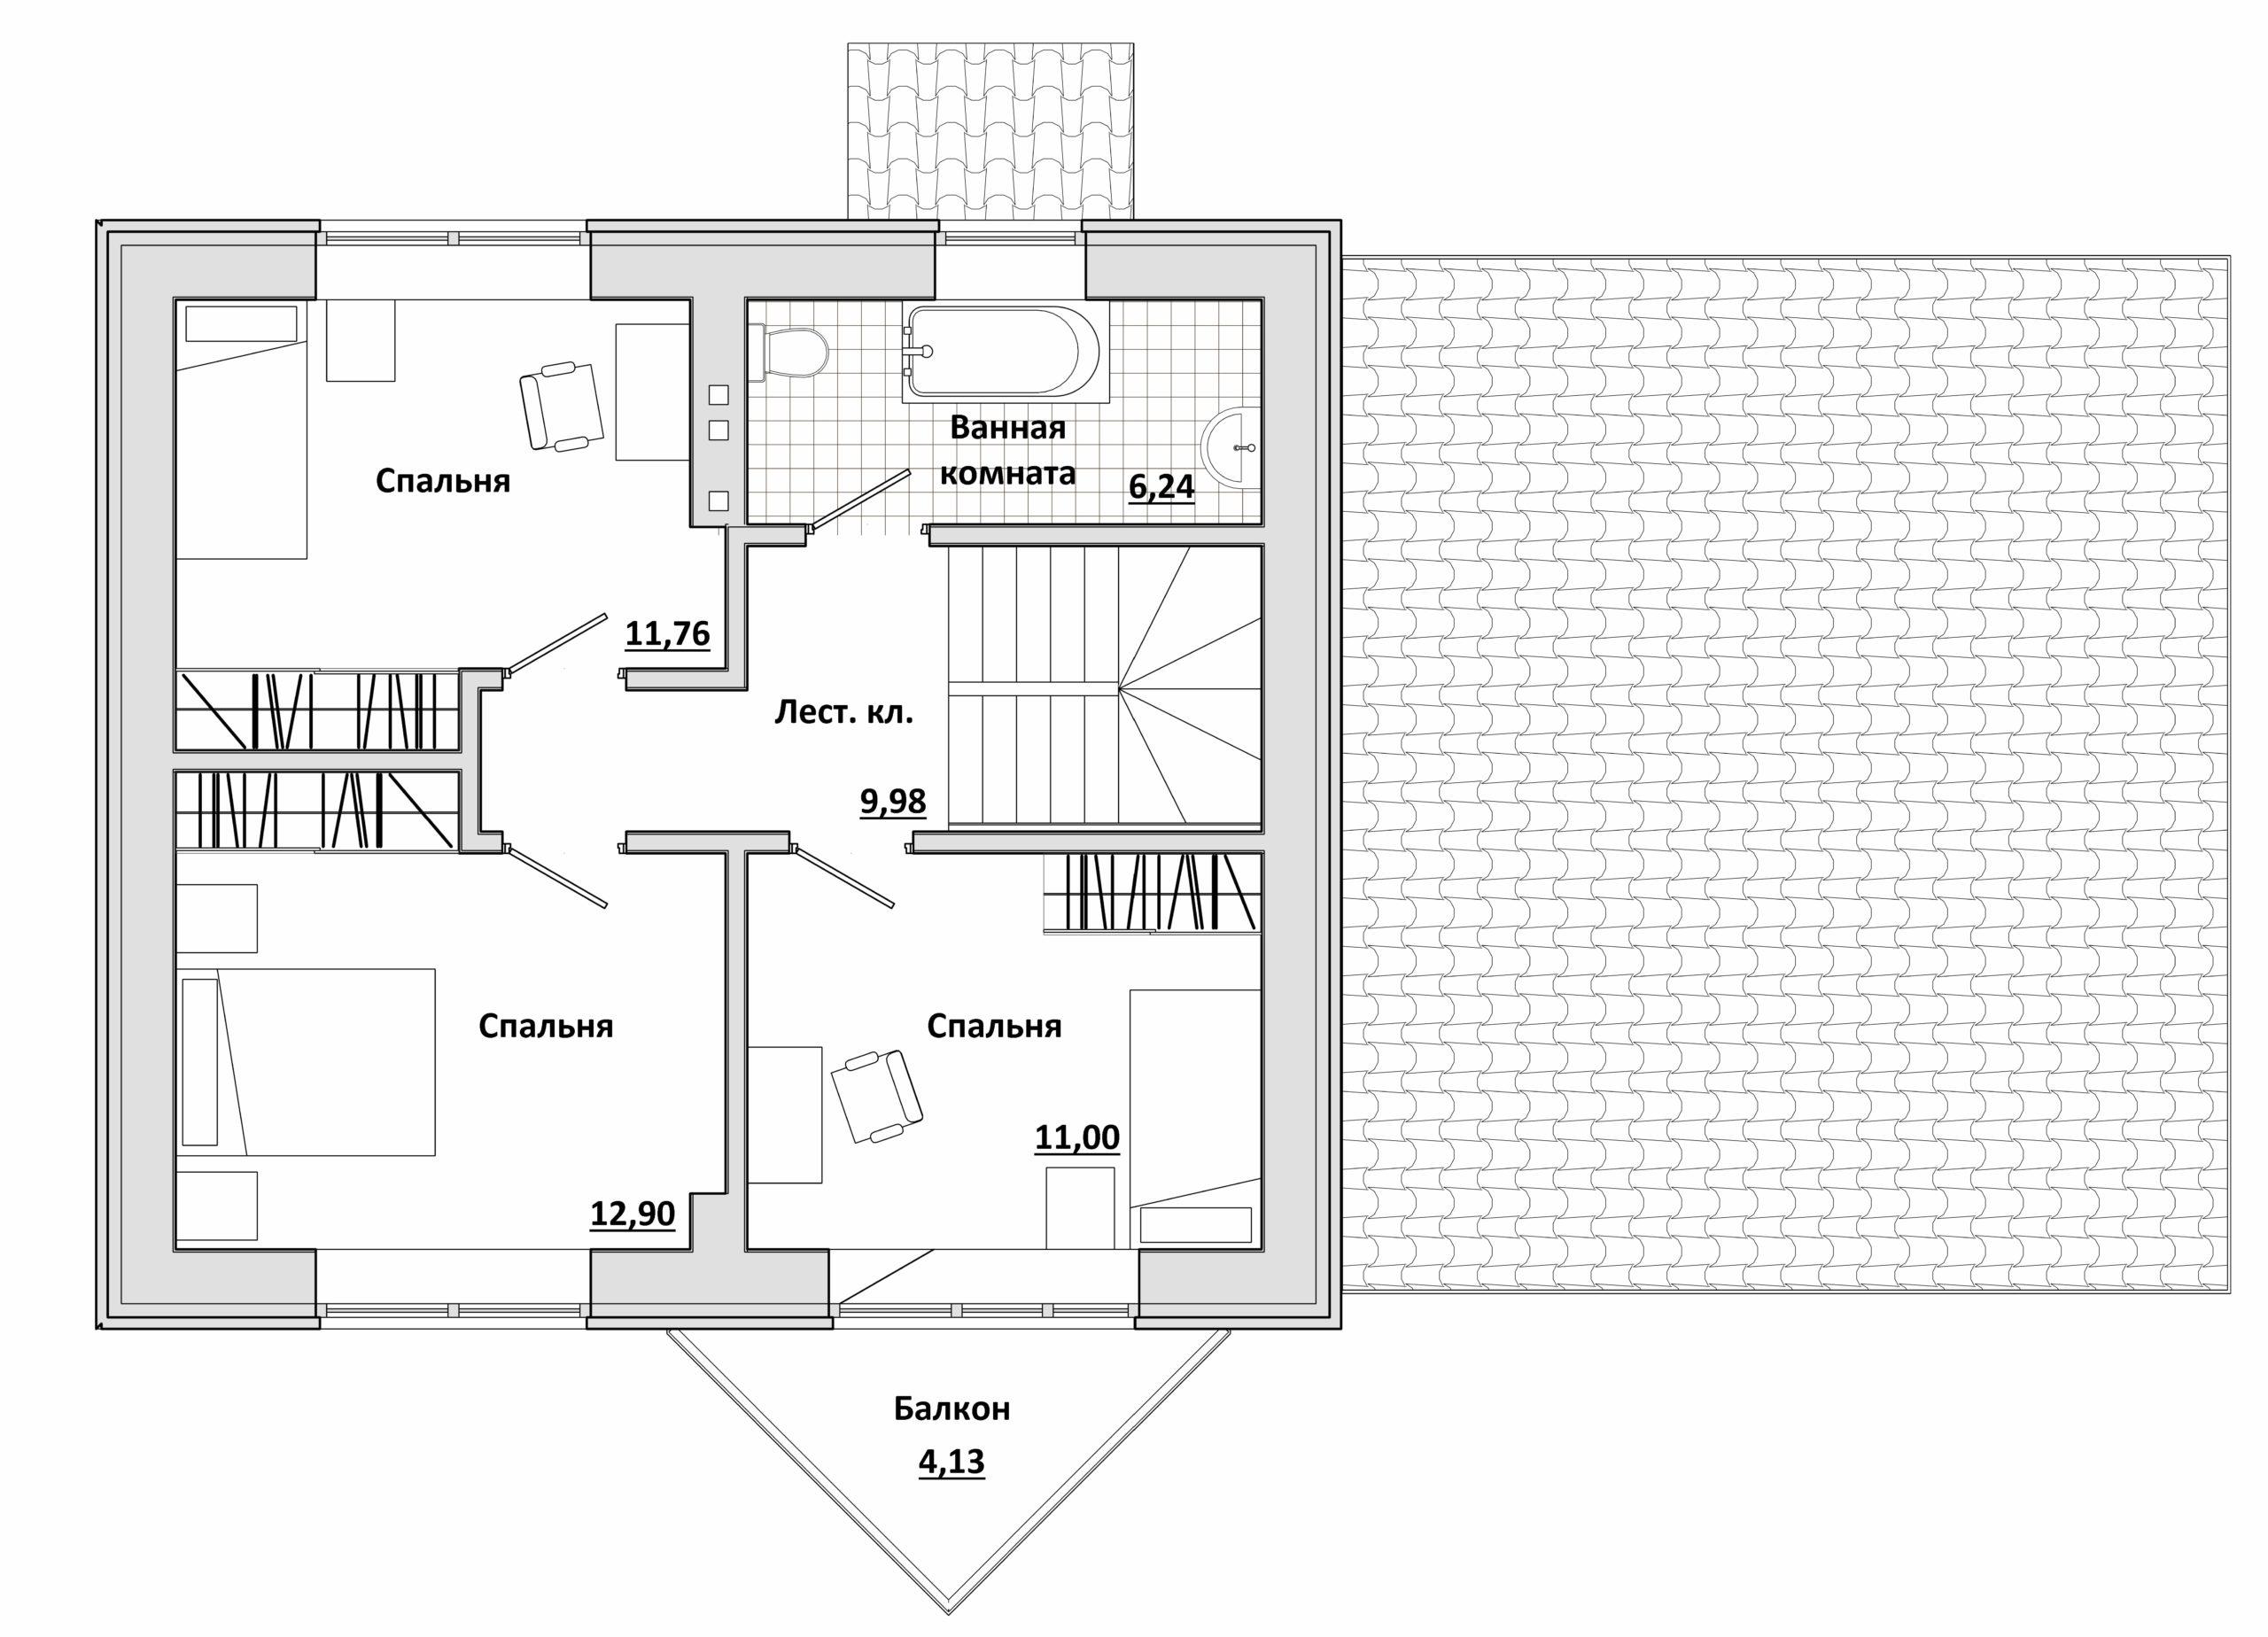 Малый с навесом - План 2-го этажа